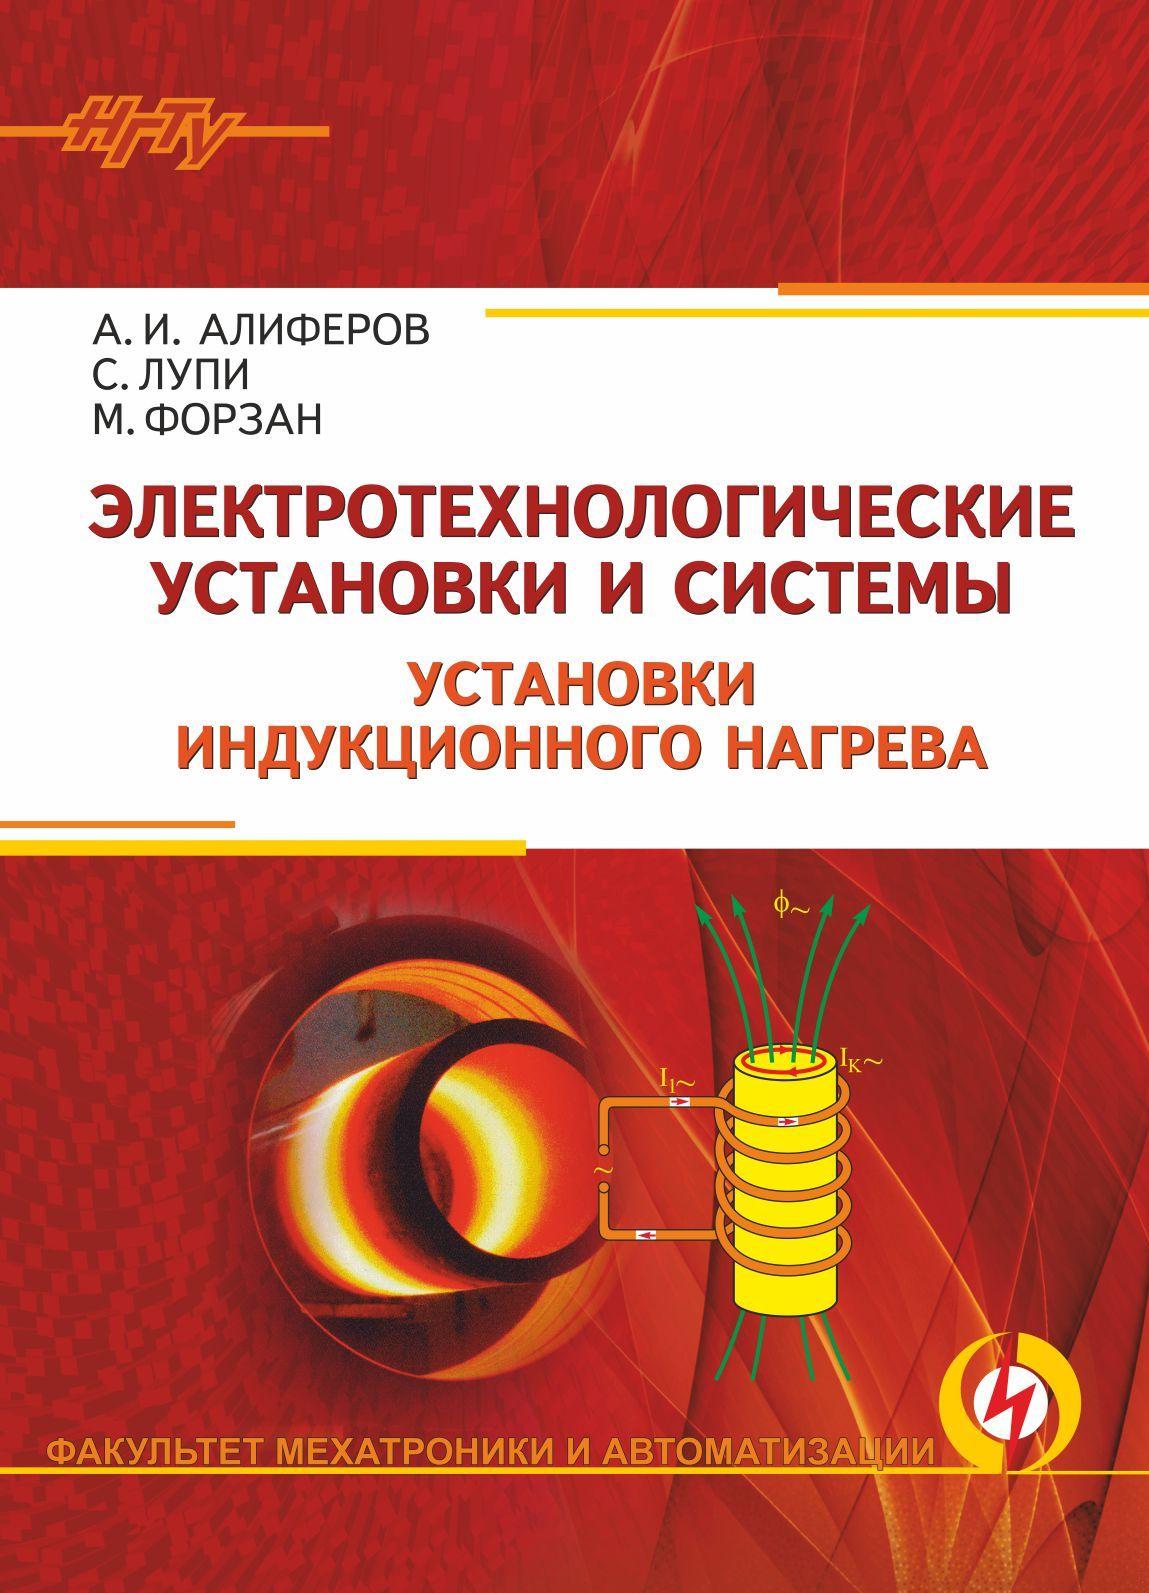 А. И. Алиферов Электротехнологические установки и системы. Установки индукционного нагрева